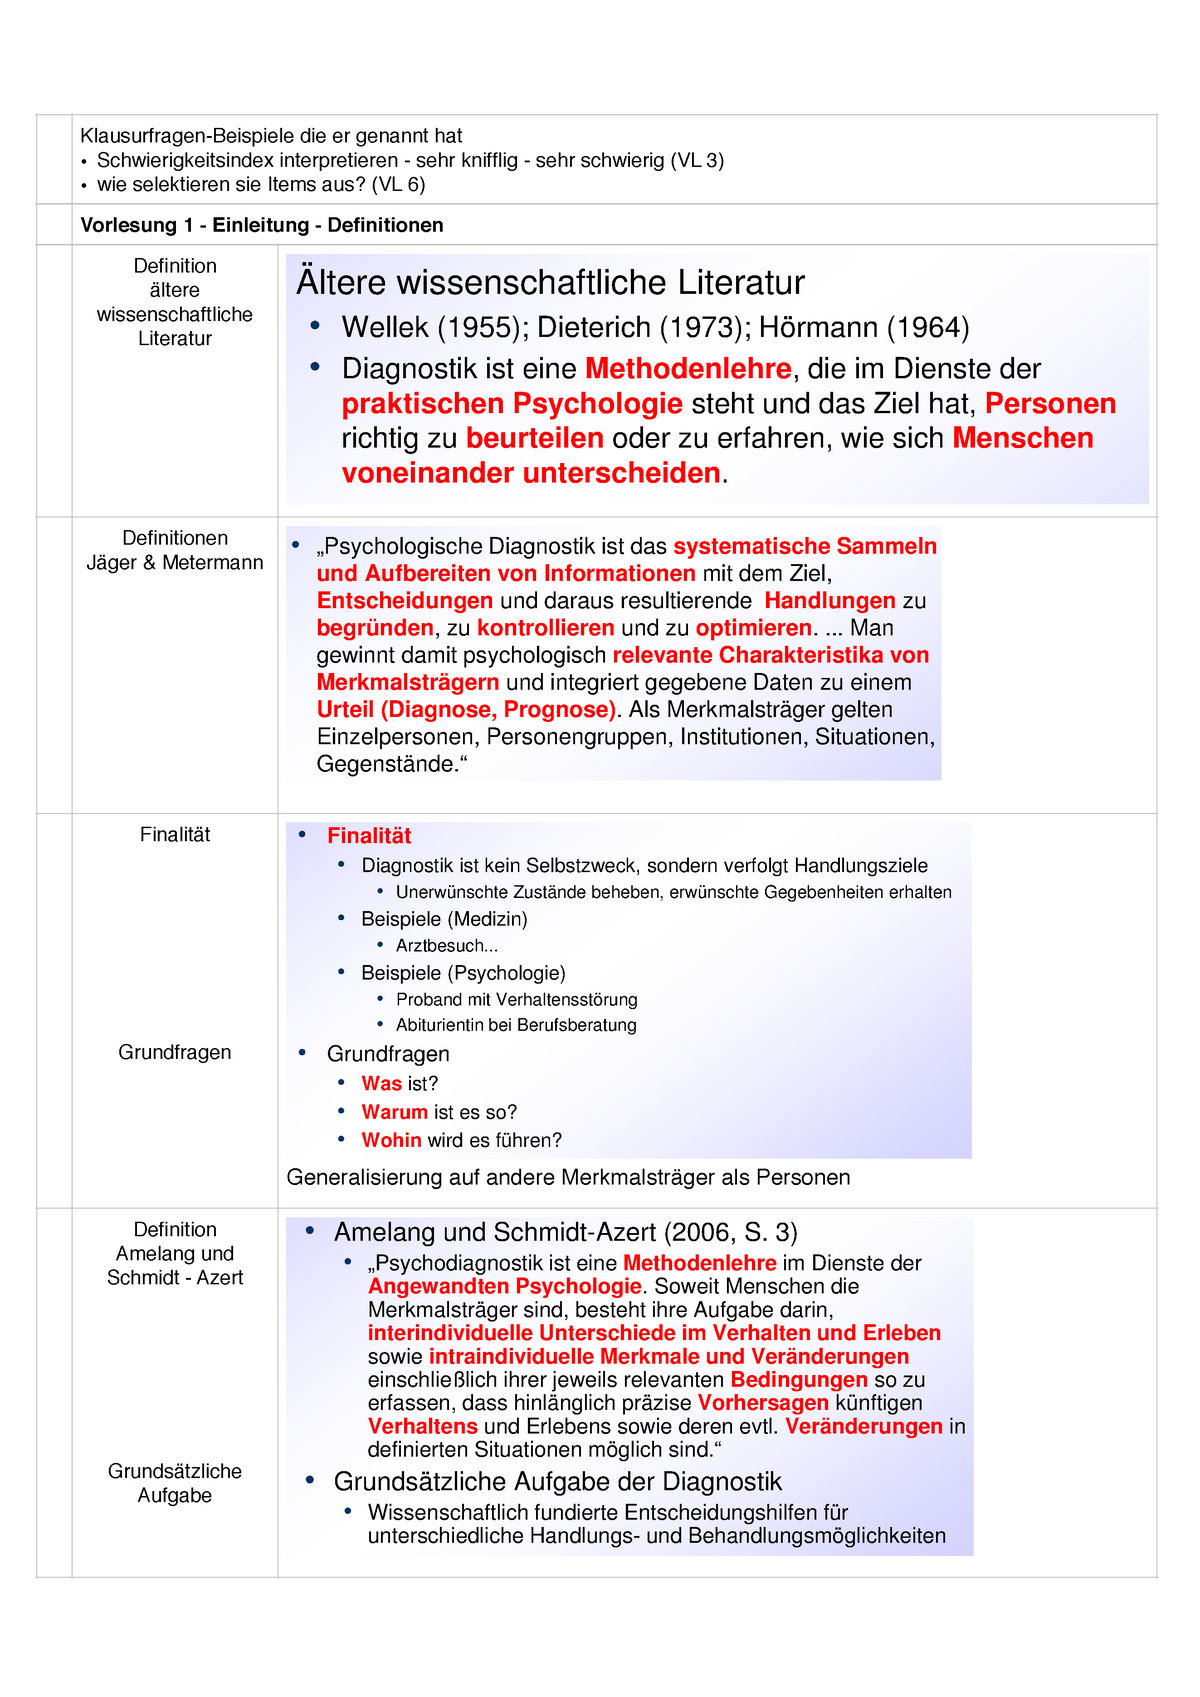 Abwehrmechanismen Freud Beispiele zusammenfassung - die komplette diagnosik 1 vorlesung von